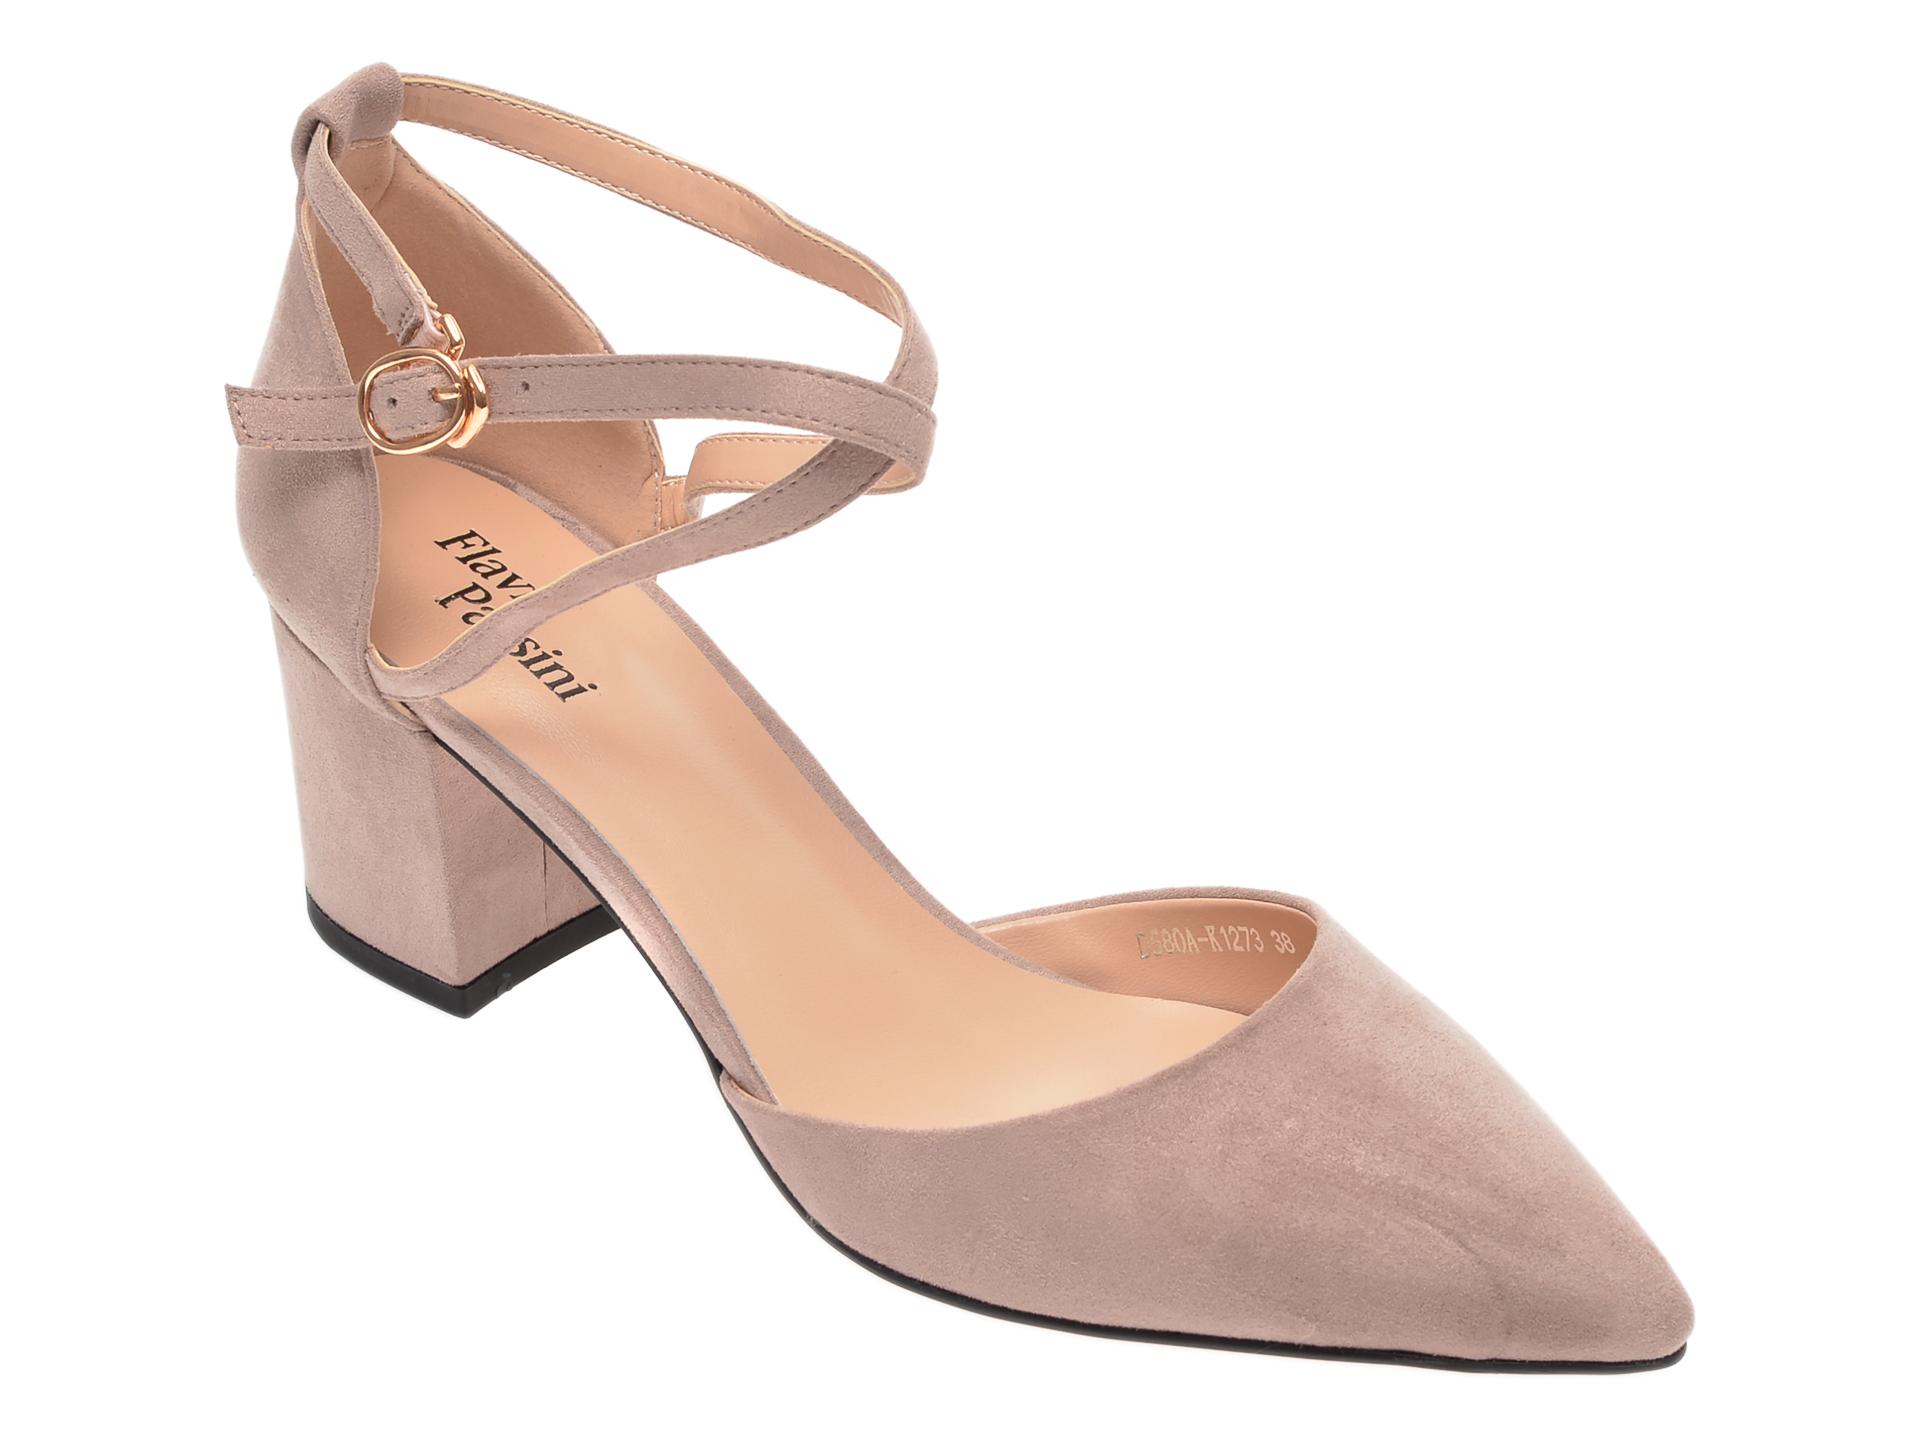 Pantofi FLAVIA PASSINI gri, D580AK1, din piele ecologica imagine